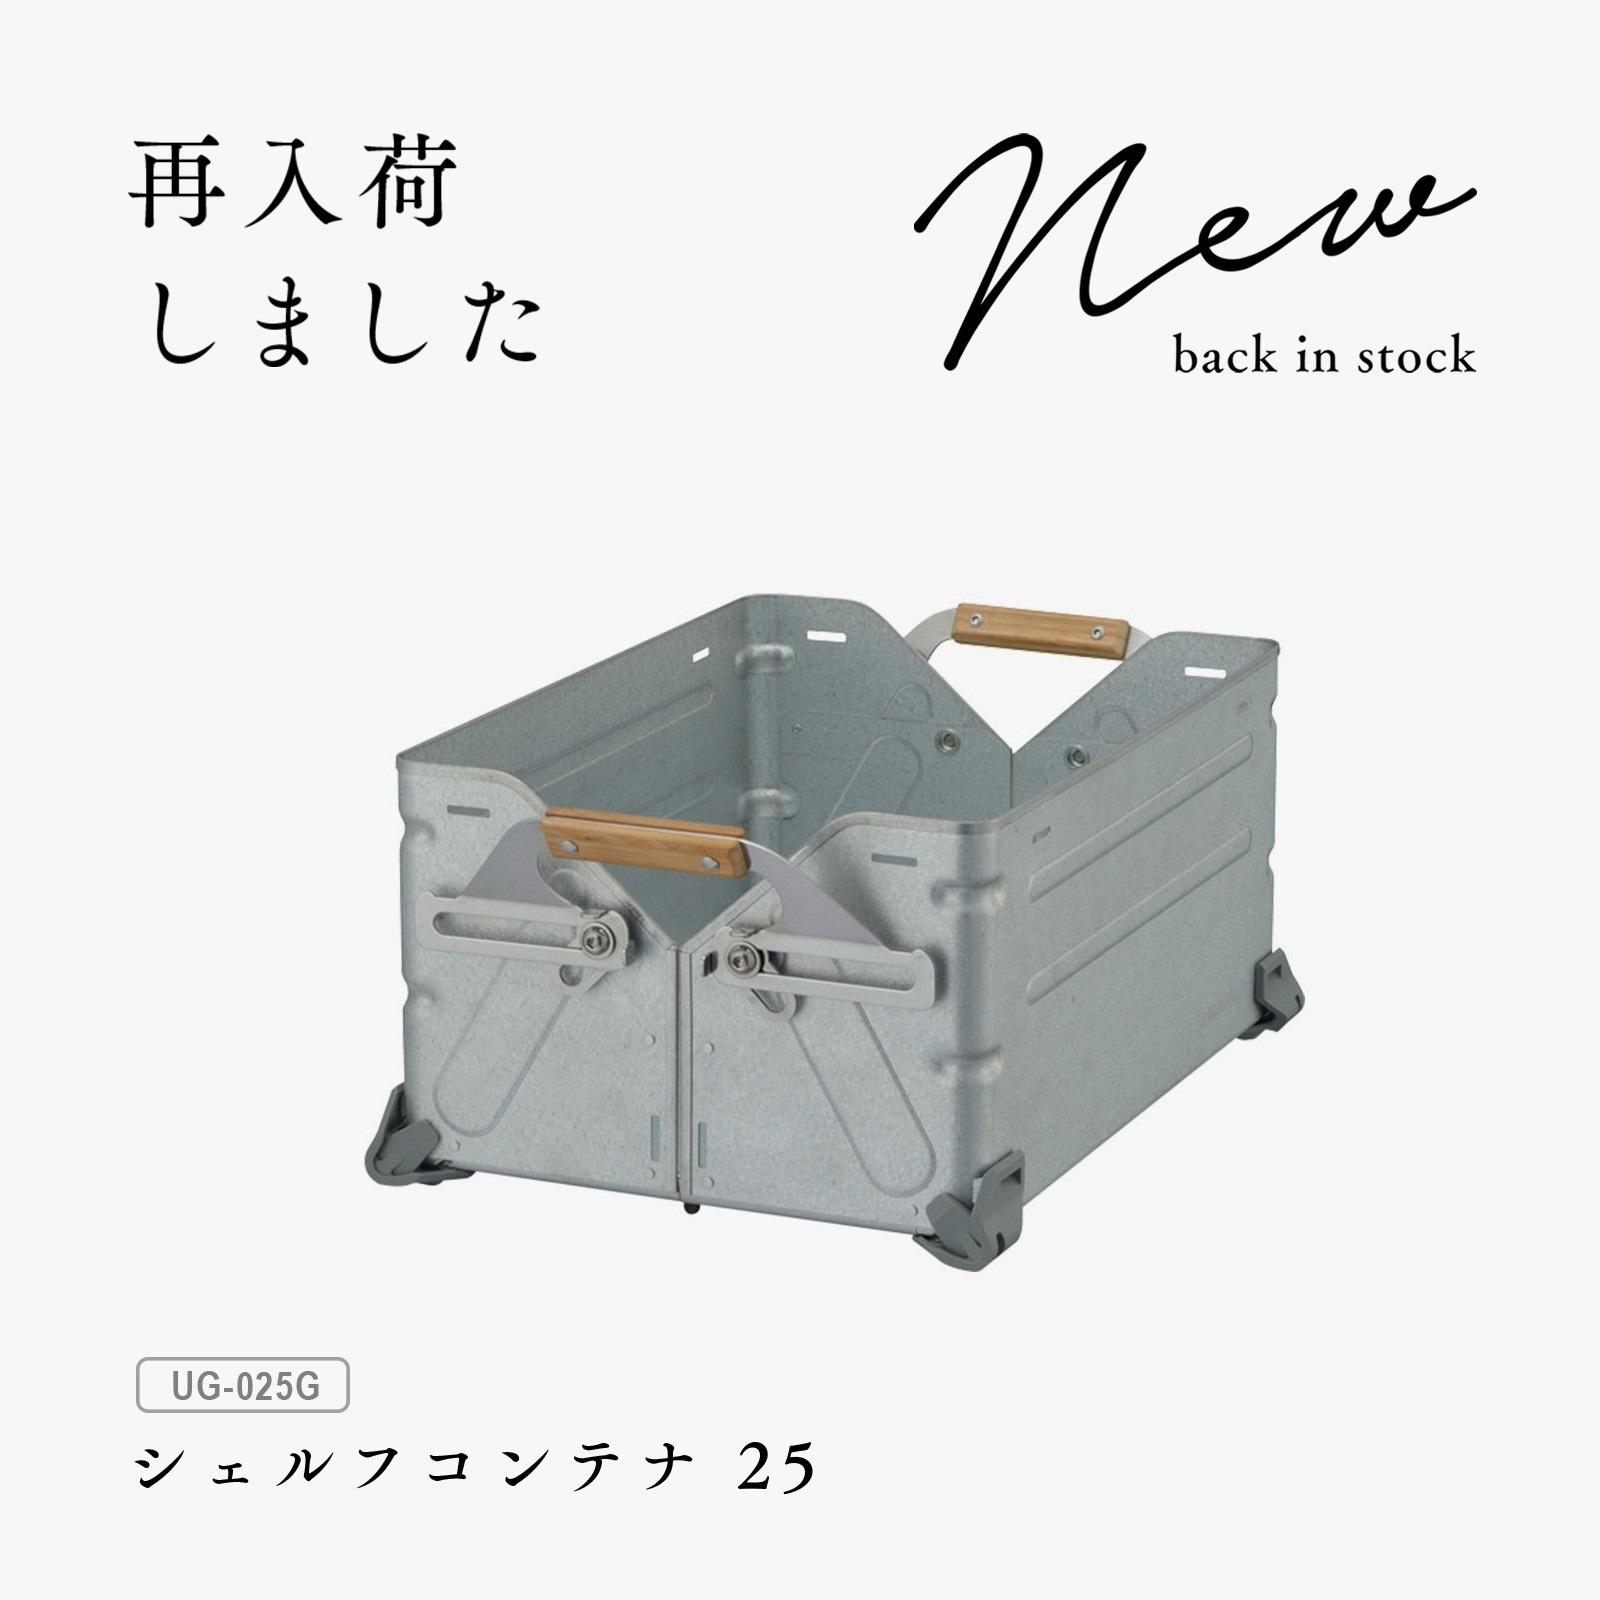 【sp】Restock_UG-025G